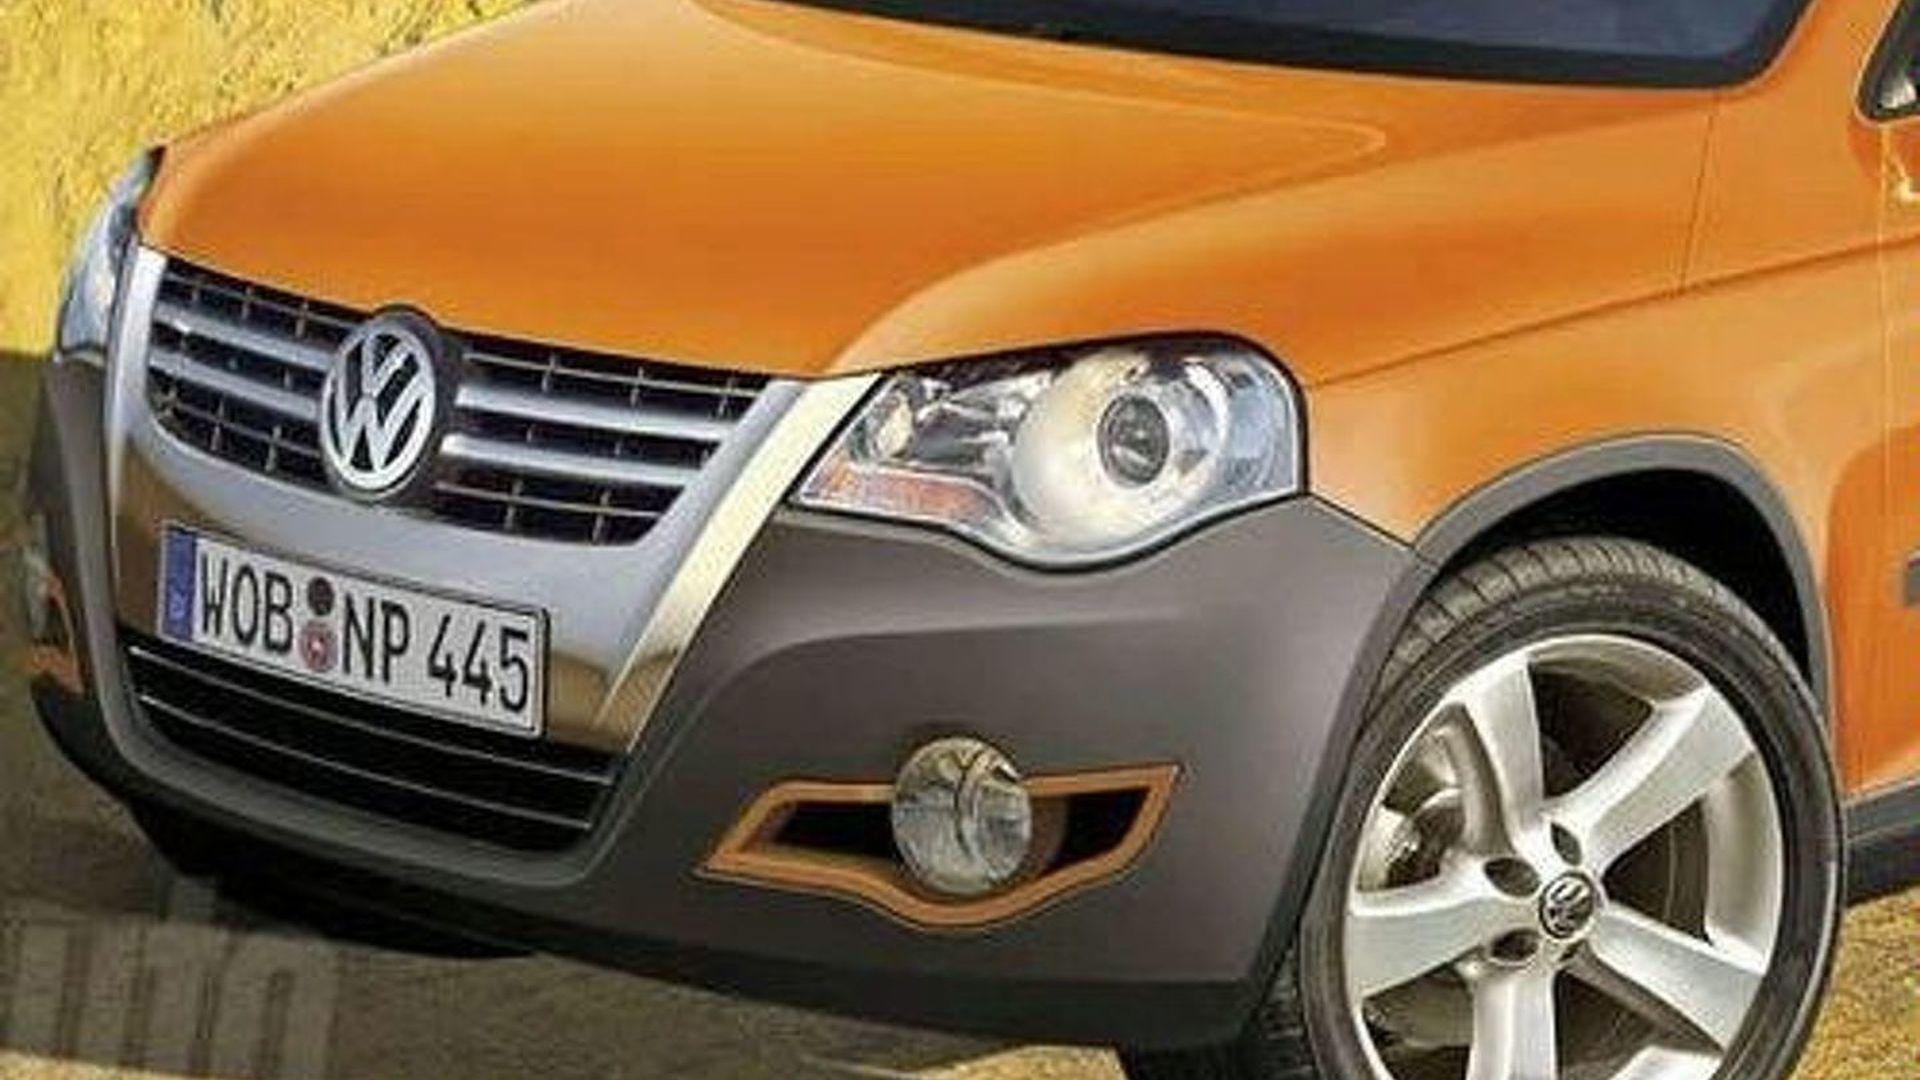 VW Polo SUV is a Go (Anywhere)